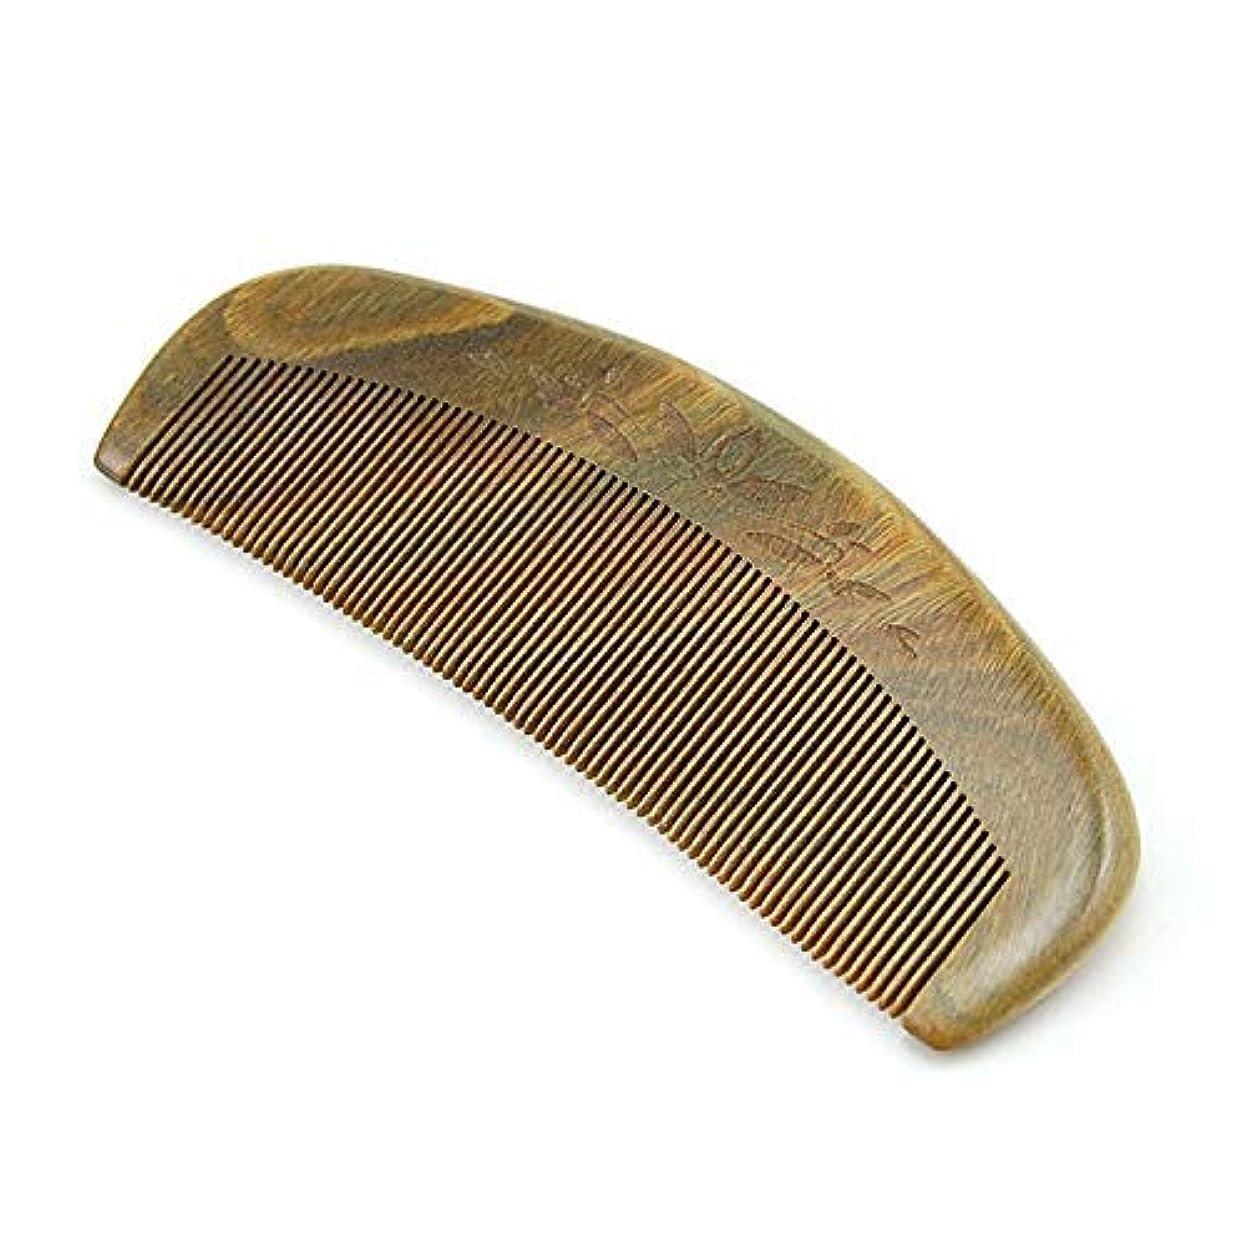 ロマンチック花弁熟読するBrand New and Natural Green Sandalwood Fine Tooth Comb, Anti Static Pocket Wooden Comb [並行輸入品]